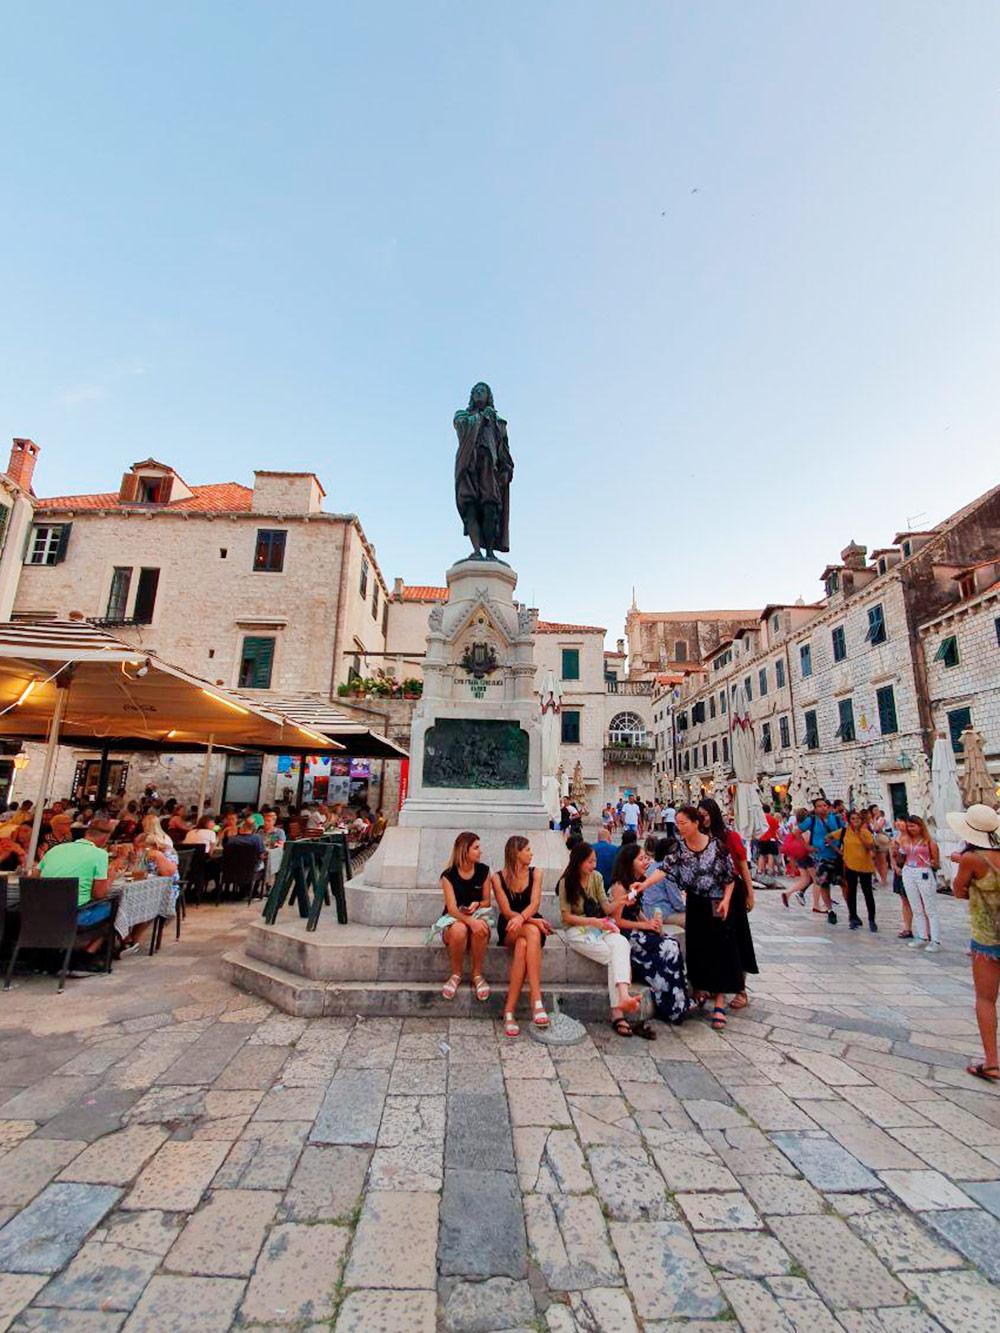 В На улицах Дубровника много туристов со всей Европы и часто слышна русская речь